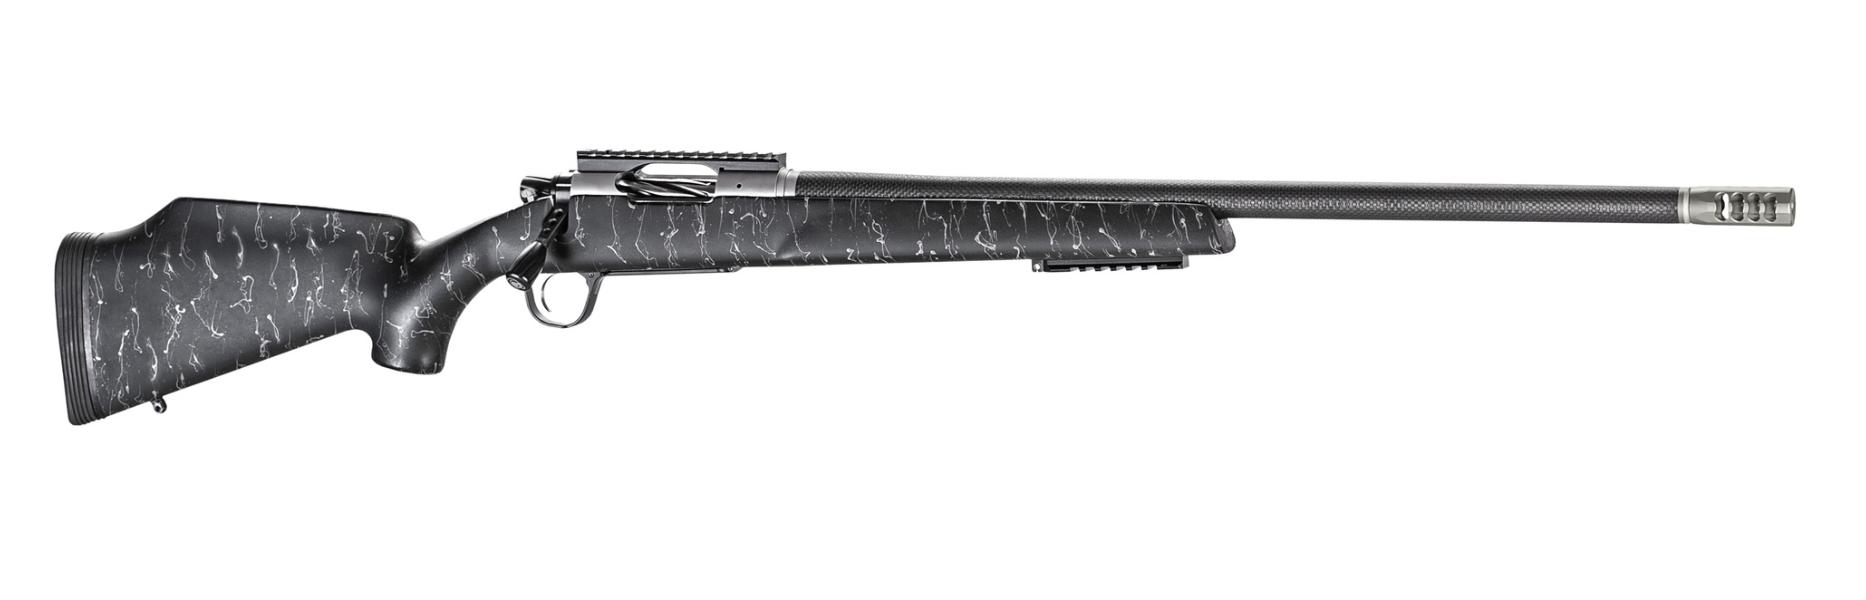 Christensen Arms Traverse 26 Nosler